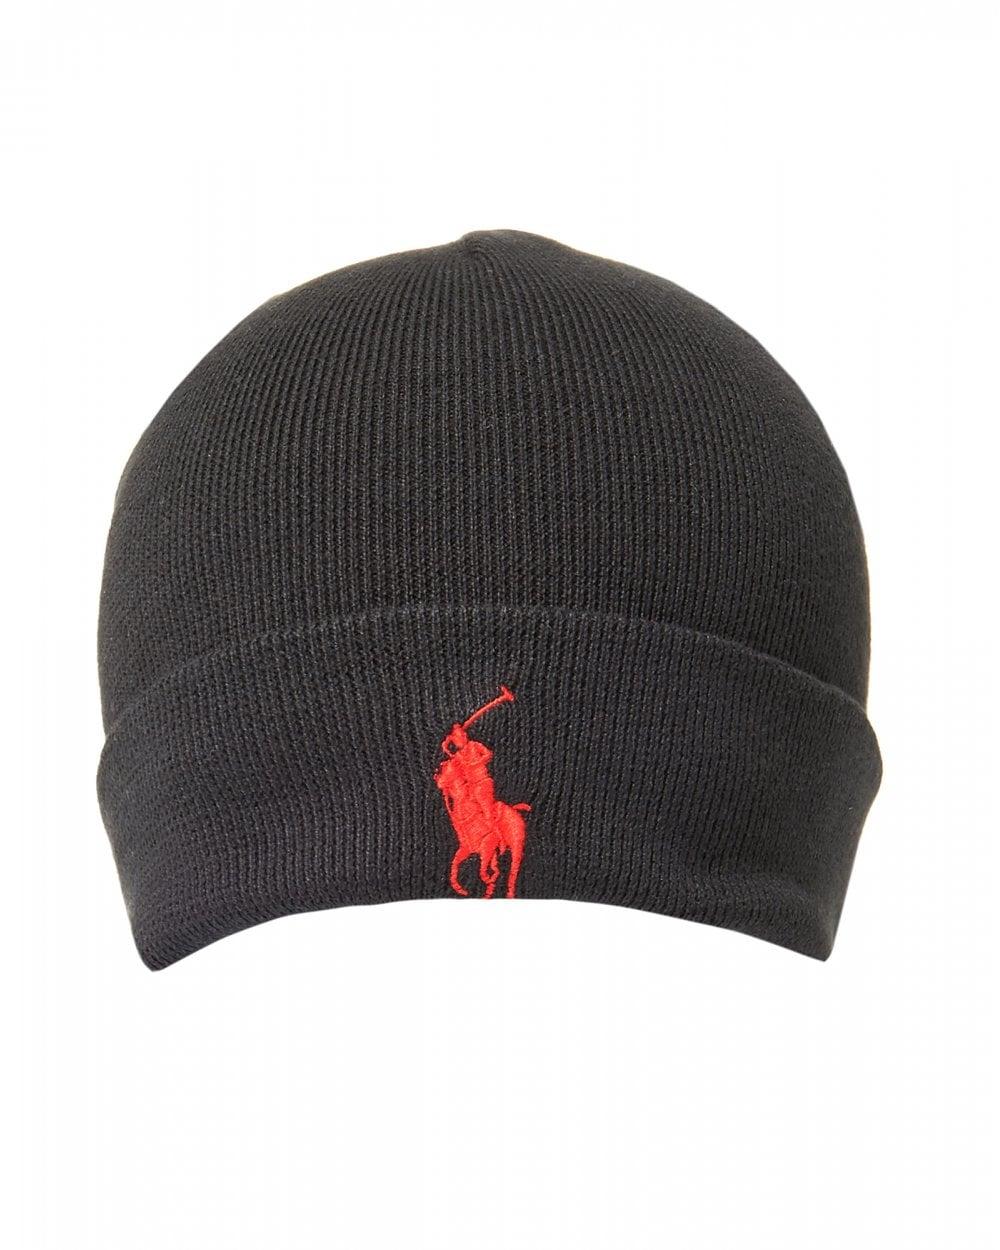 Ralph Lauren Mens Large Logo Polo Black Beanie Hat 7e68e8aab65